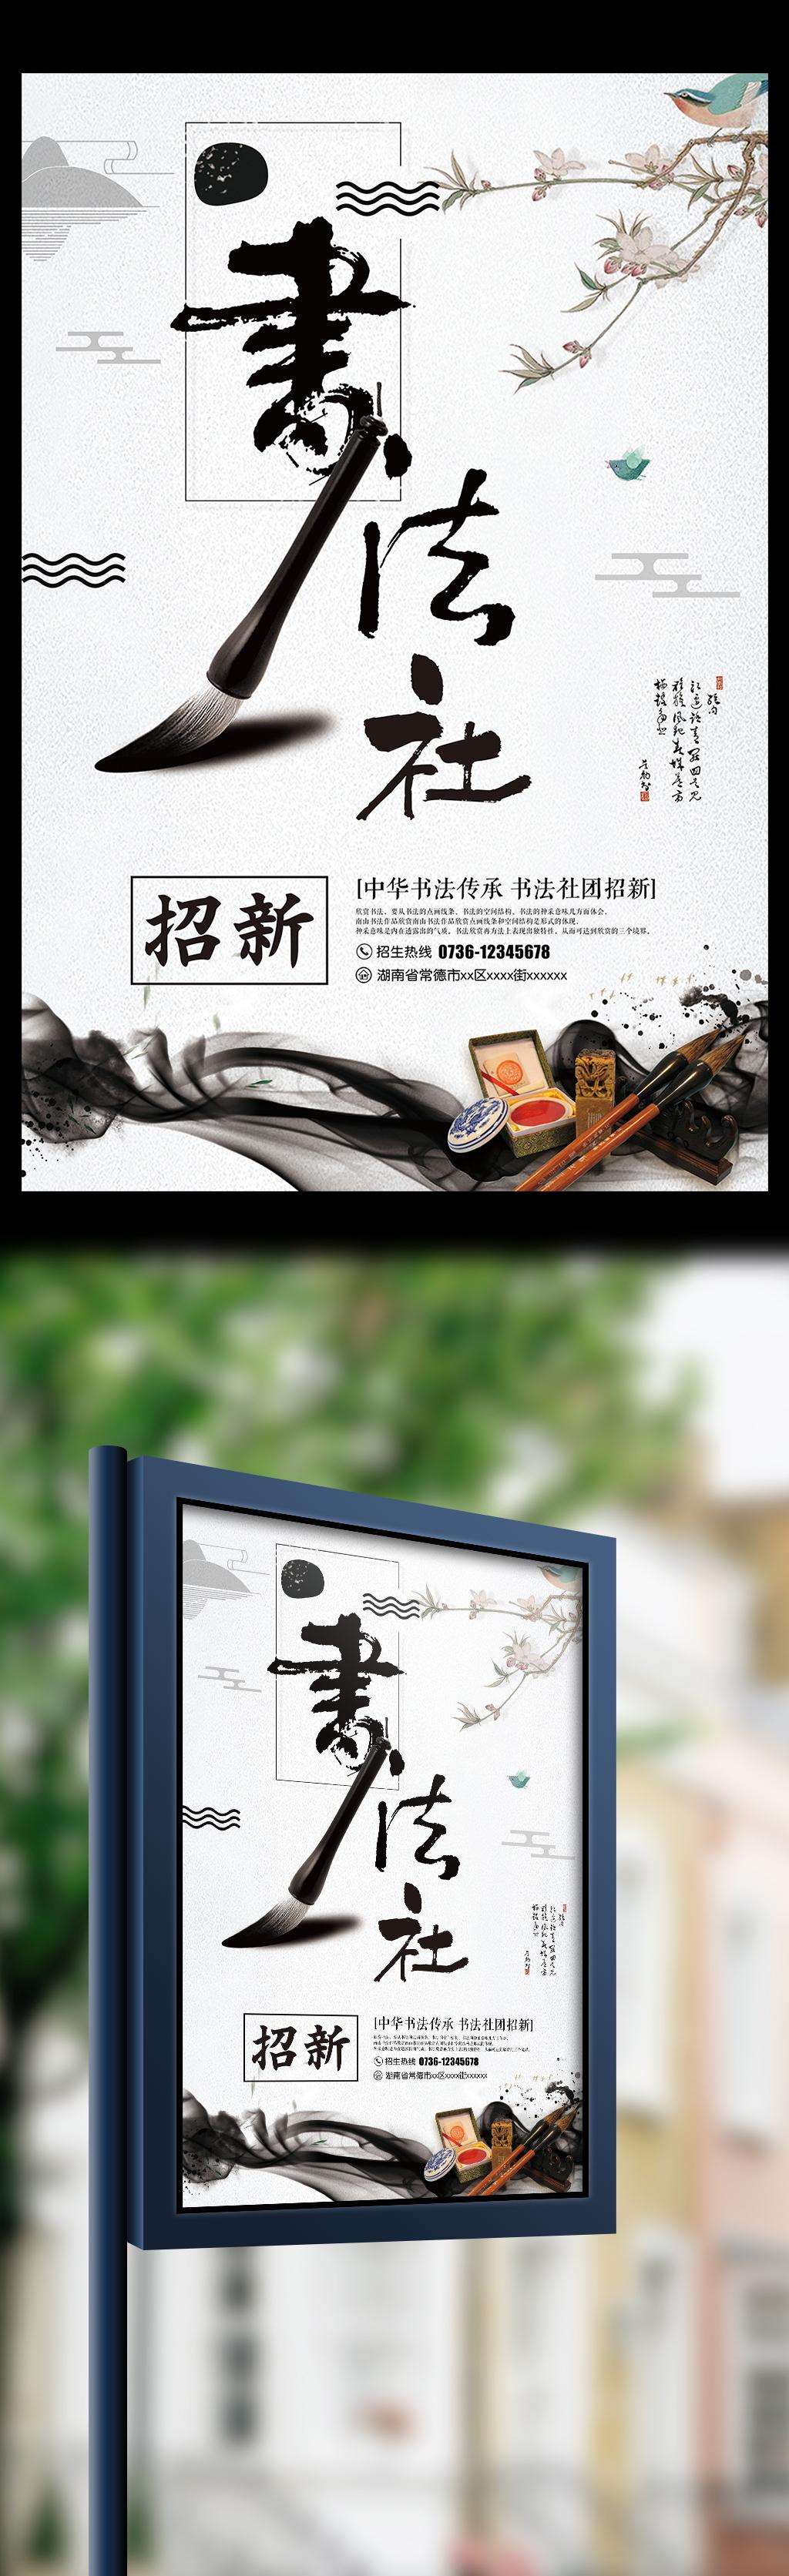 平面|广告设计 海报设计 招聘海报 > 大学书法社招新   图片编号:2711